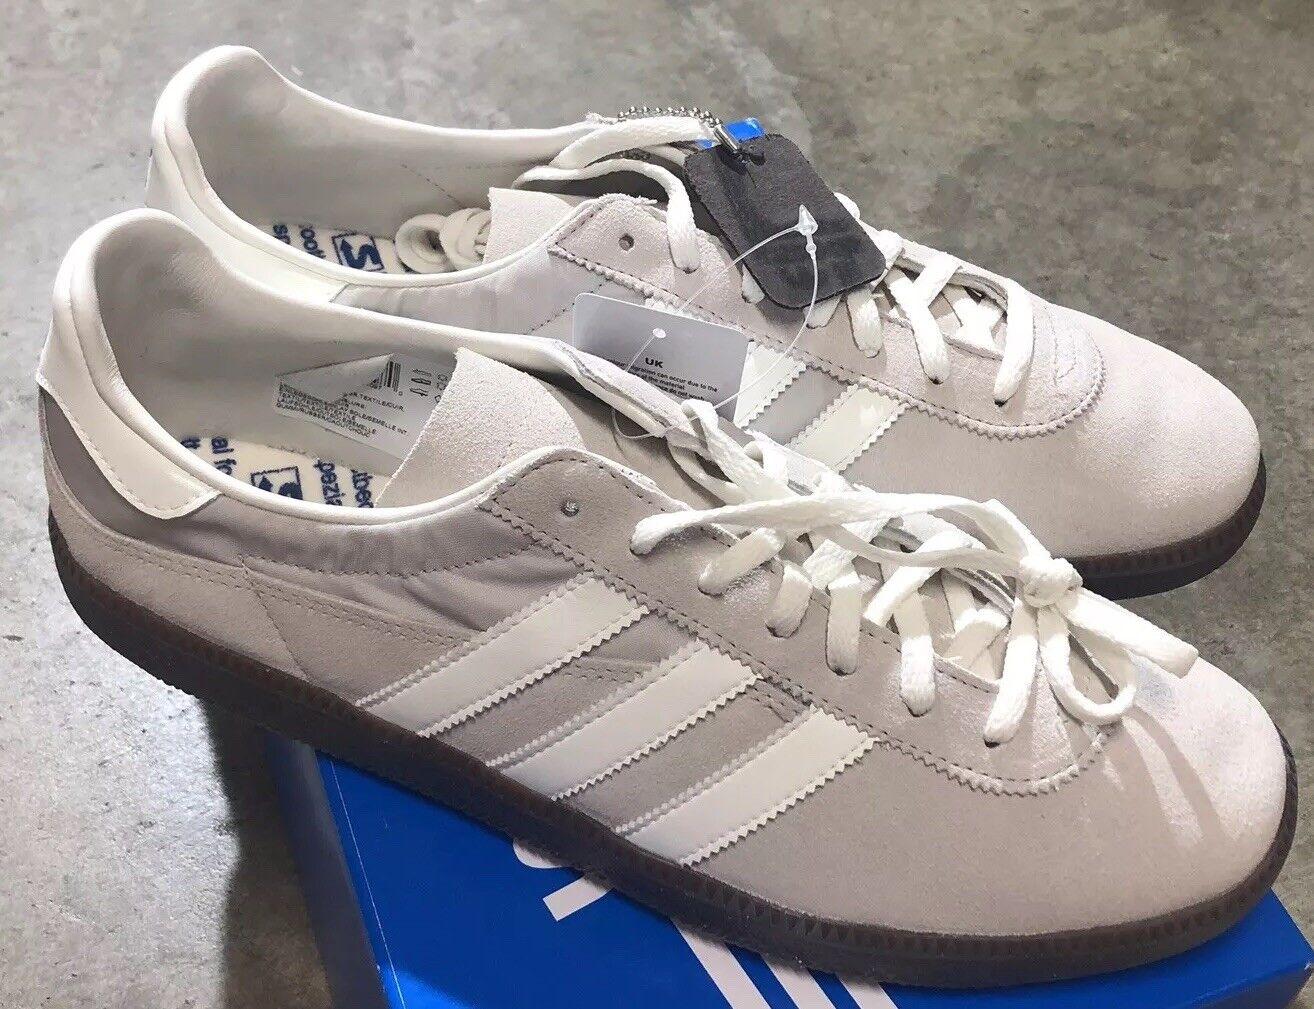 Adidas GT Wensley spzl Marrón Granito blancoo Nuevo en Caja CG2925